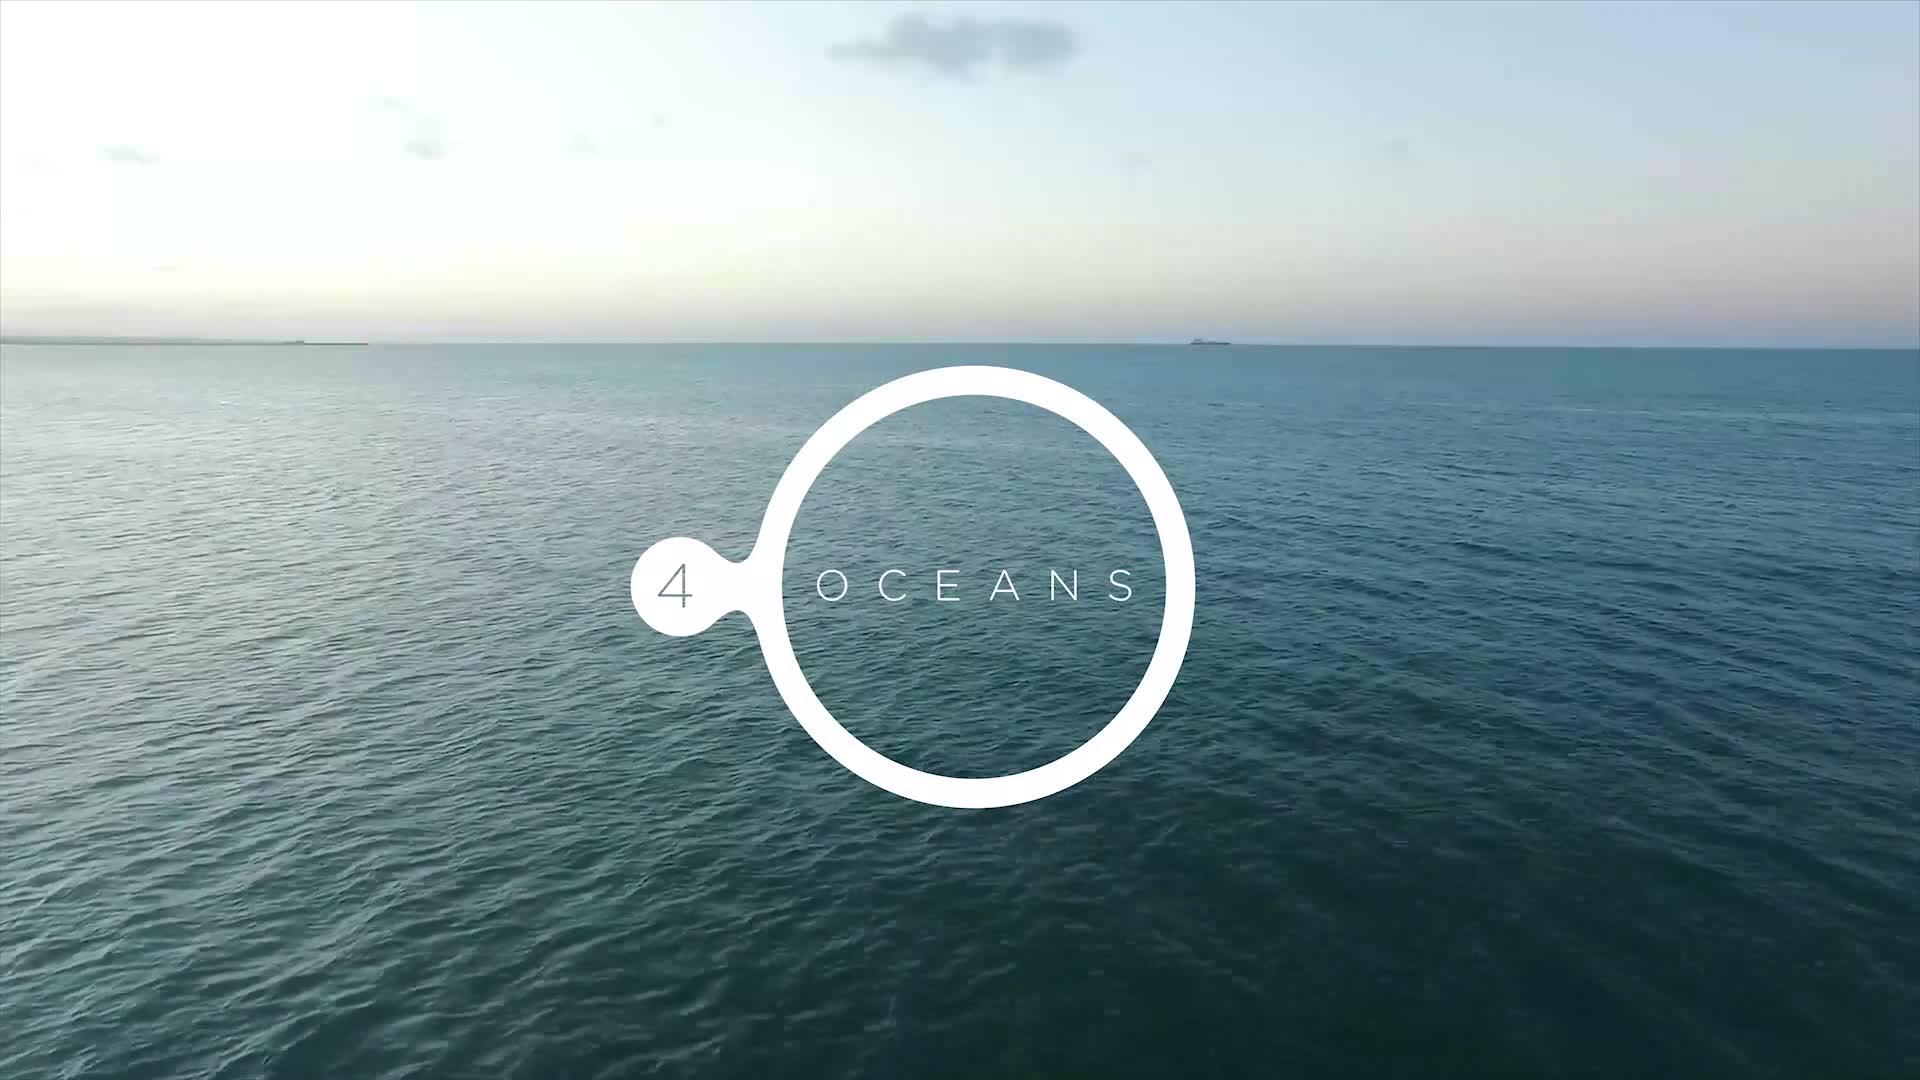 4 oceans